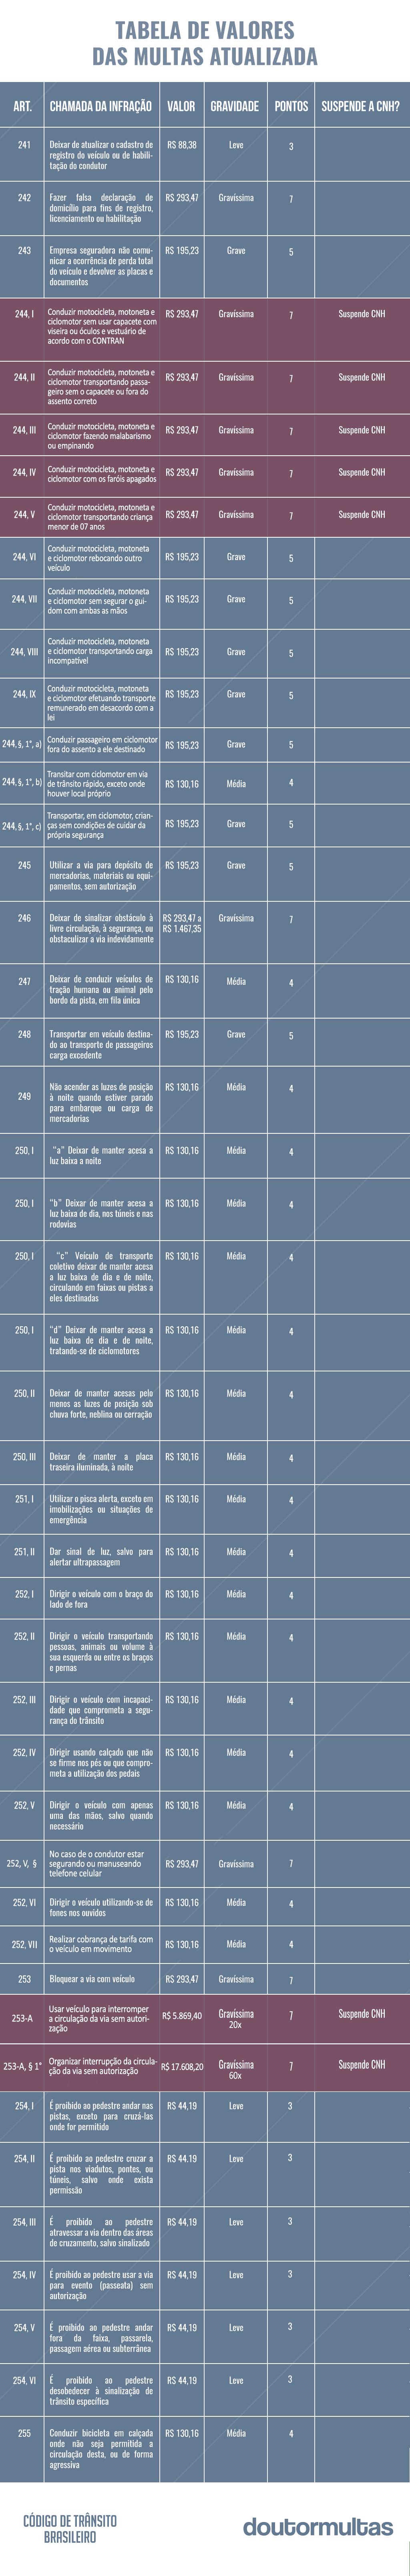 tabela de multas atualizada 4